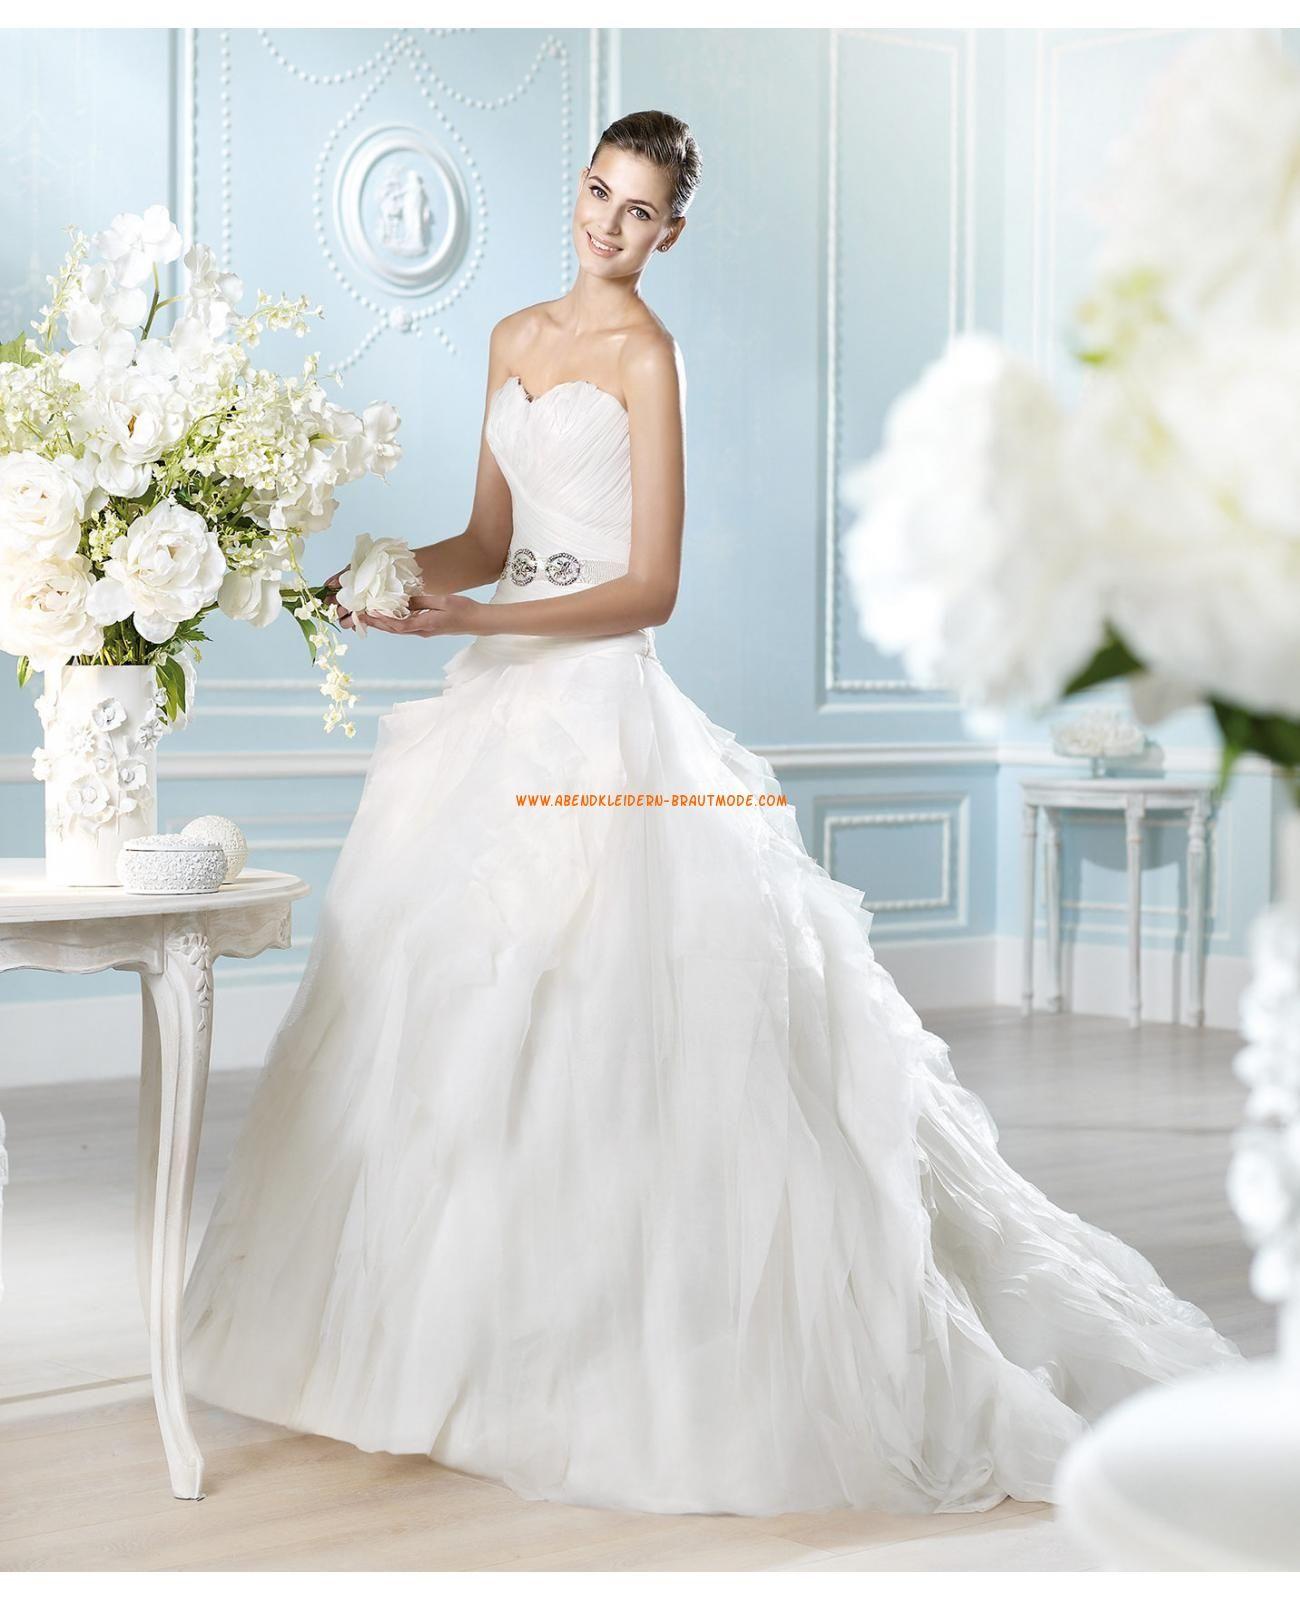 2014 Moderne elegante Brautkleider aus Satin und Organza mit